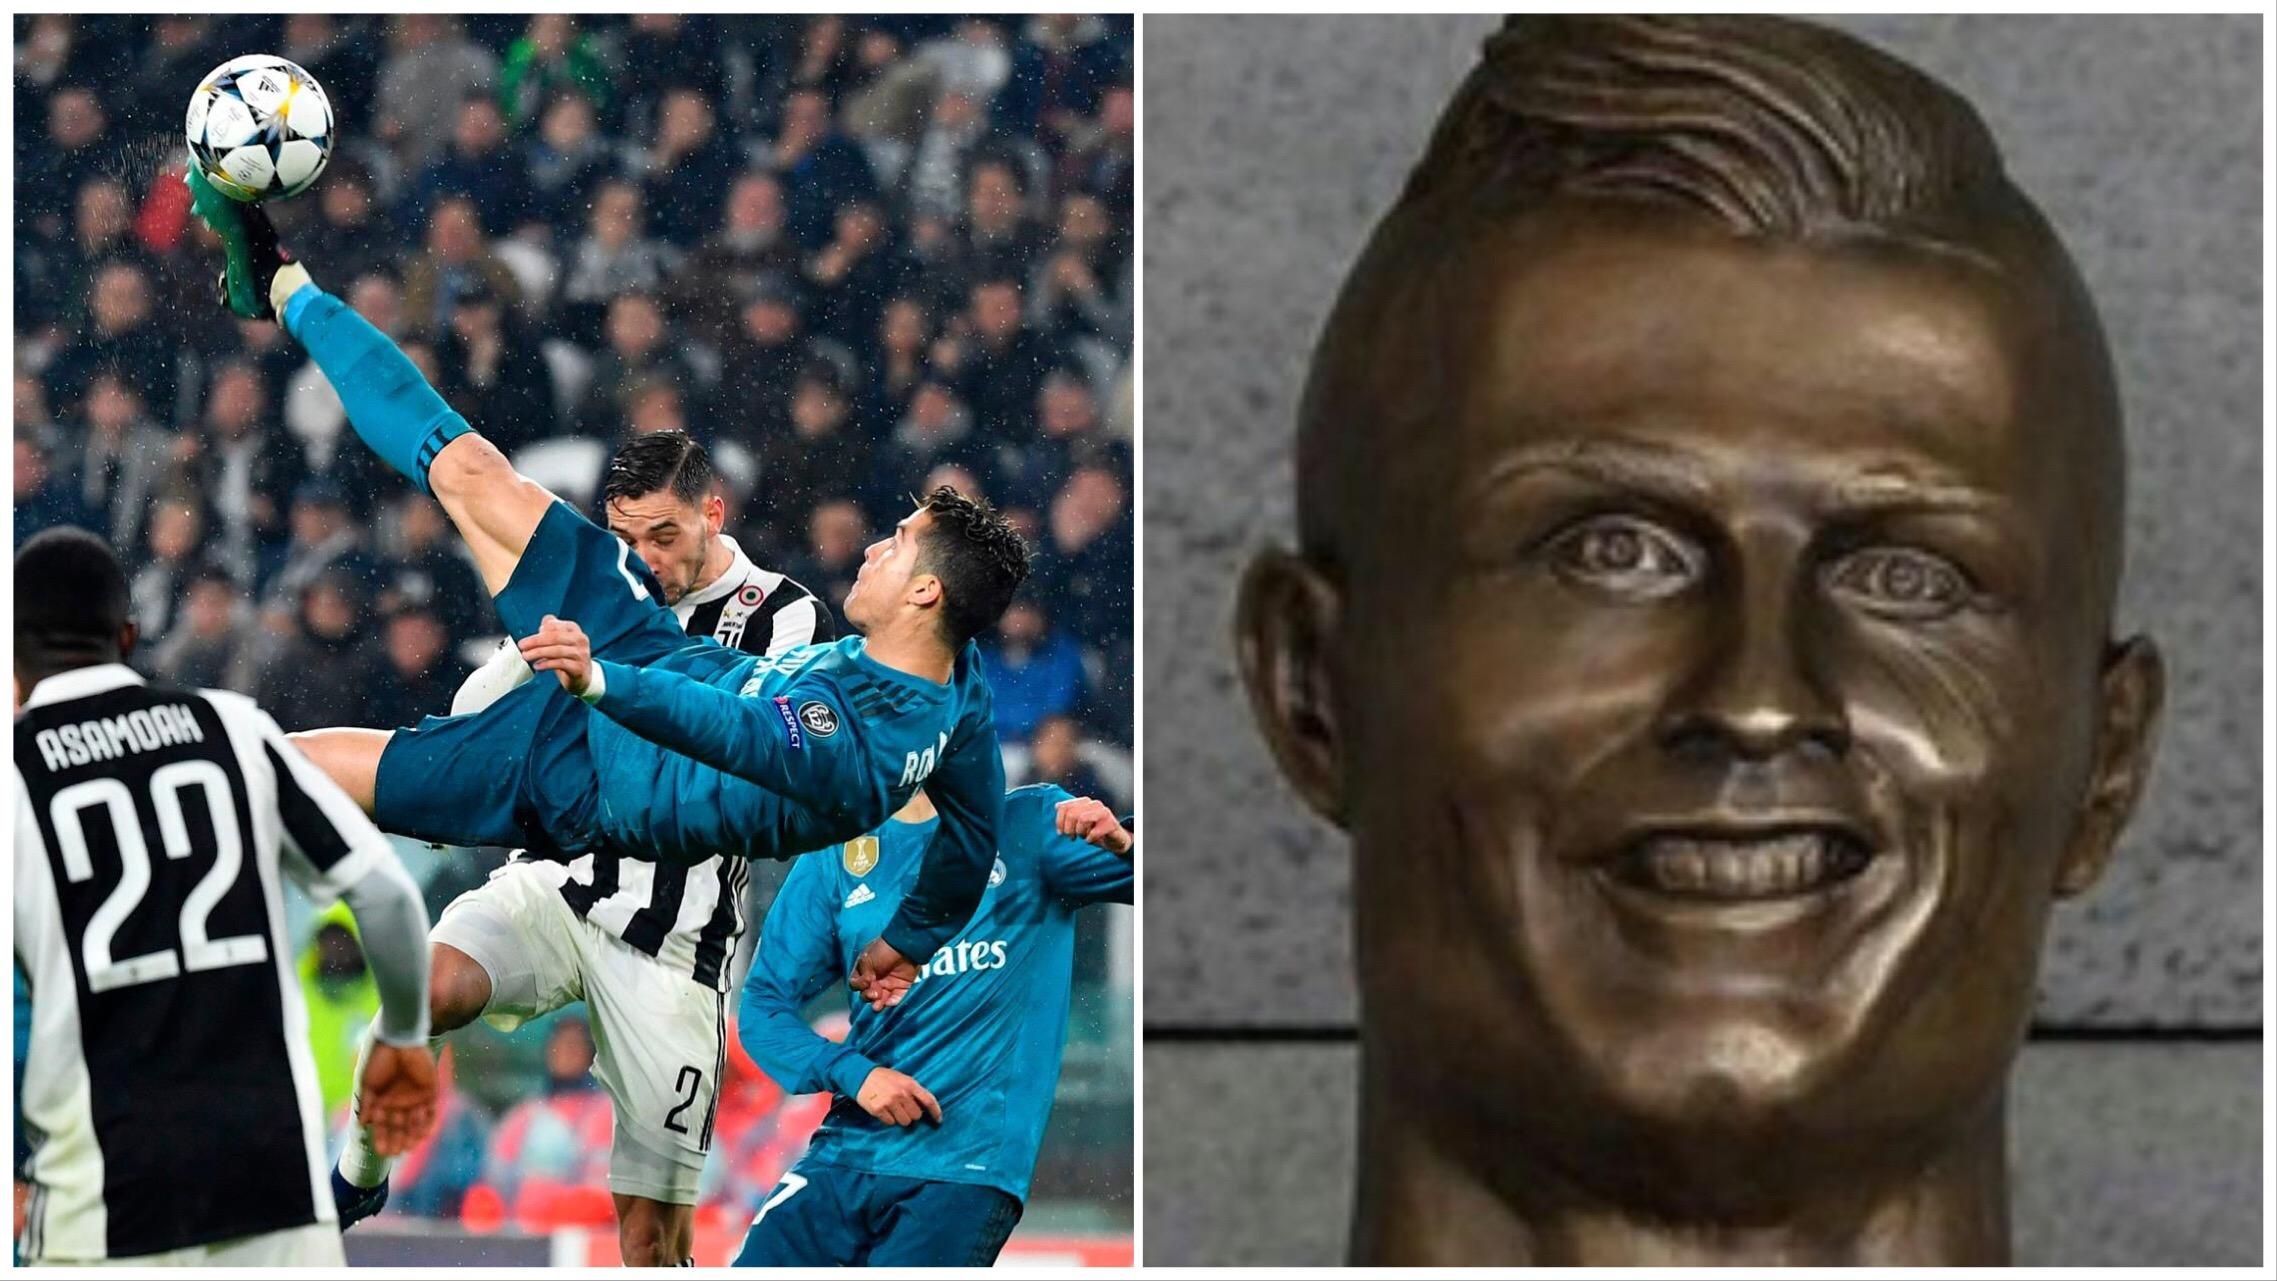 Busto reage a golaço de Cristiano Ronaldo - MoveNotícias 969f1d0a1237e